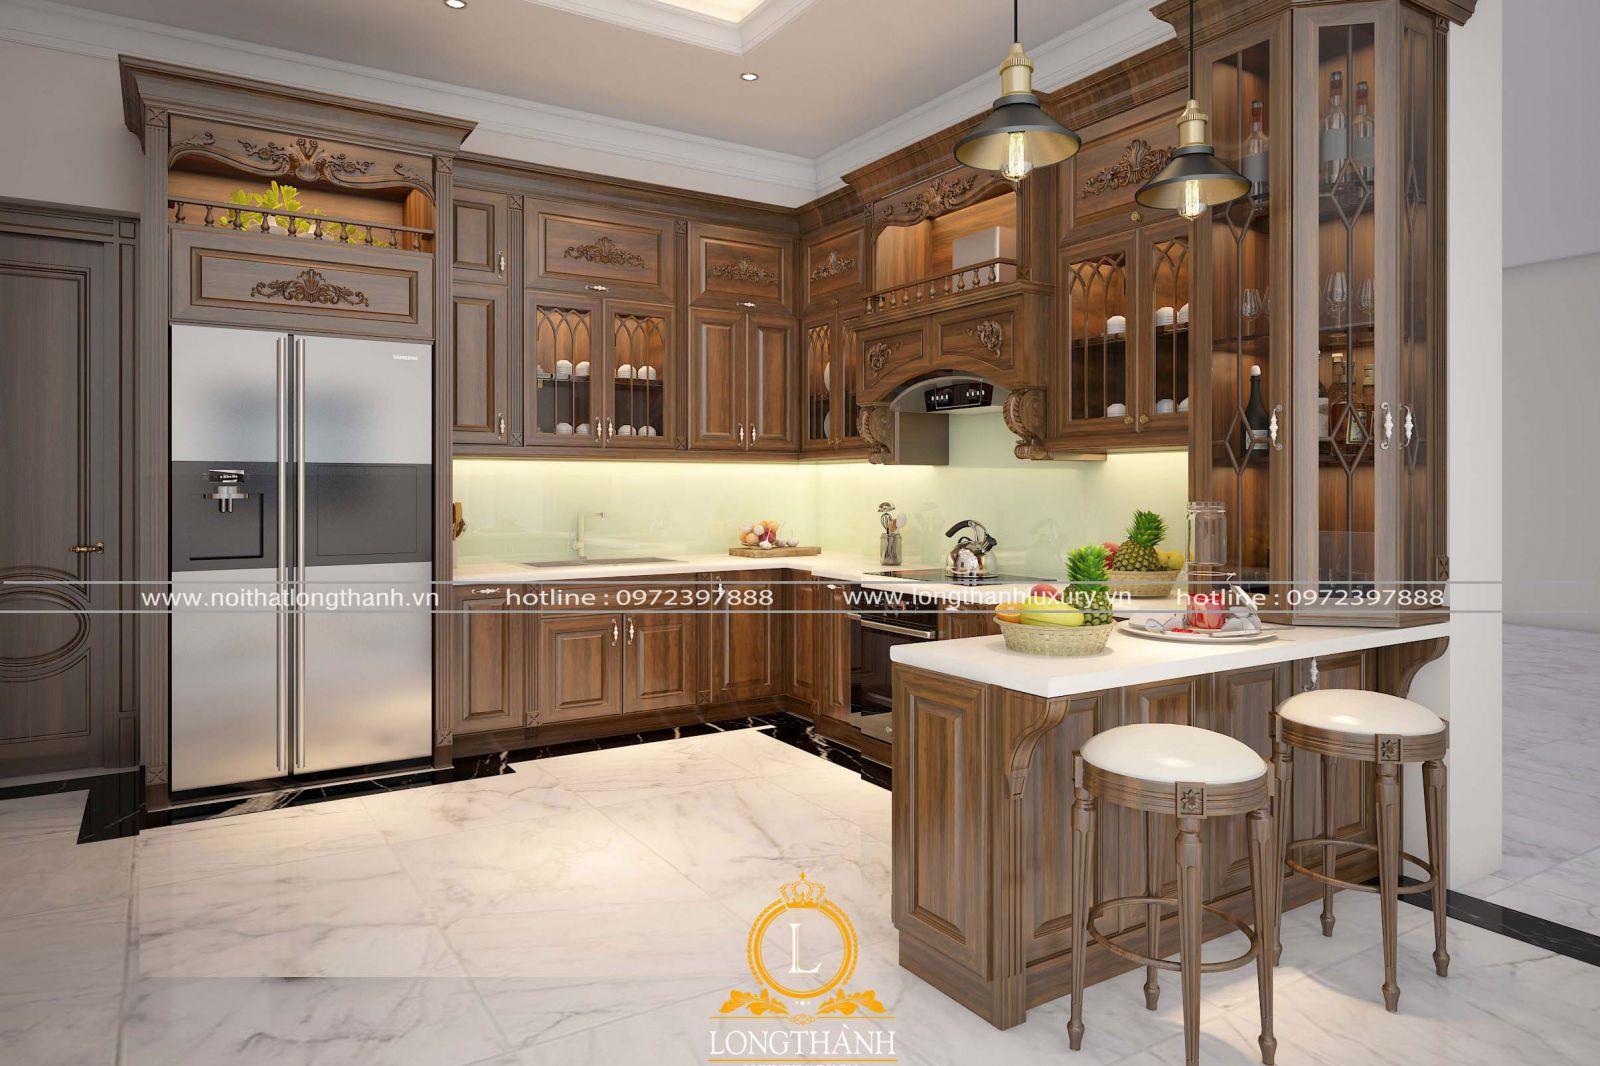 Tủ bếp tân cổ điển cho nhà chung cư với các họa tiết nhẹ nhàng